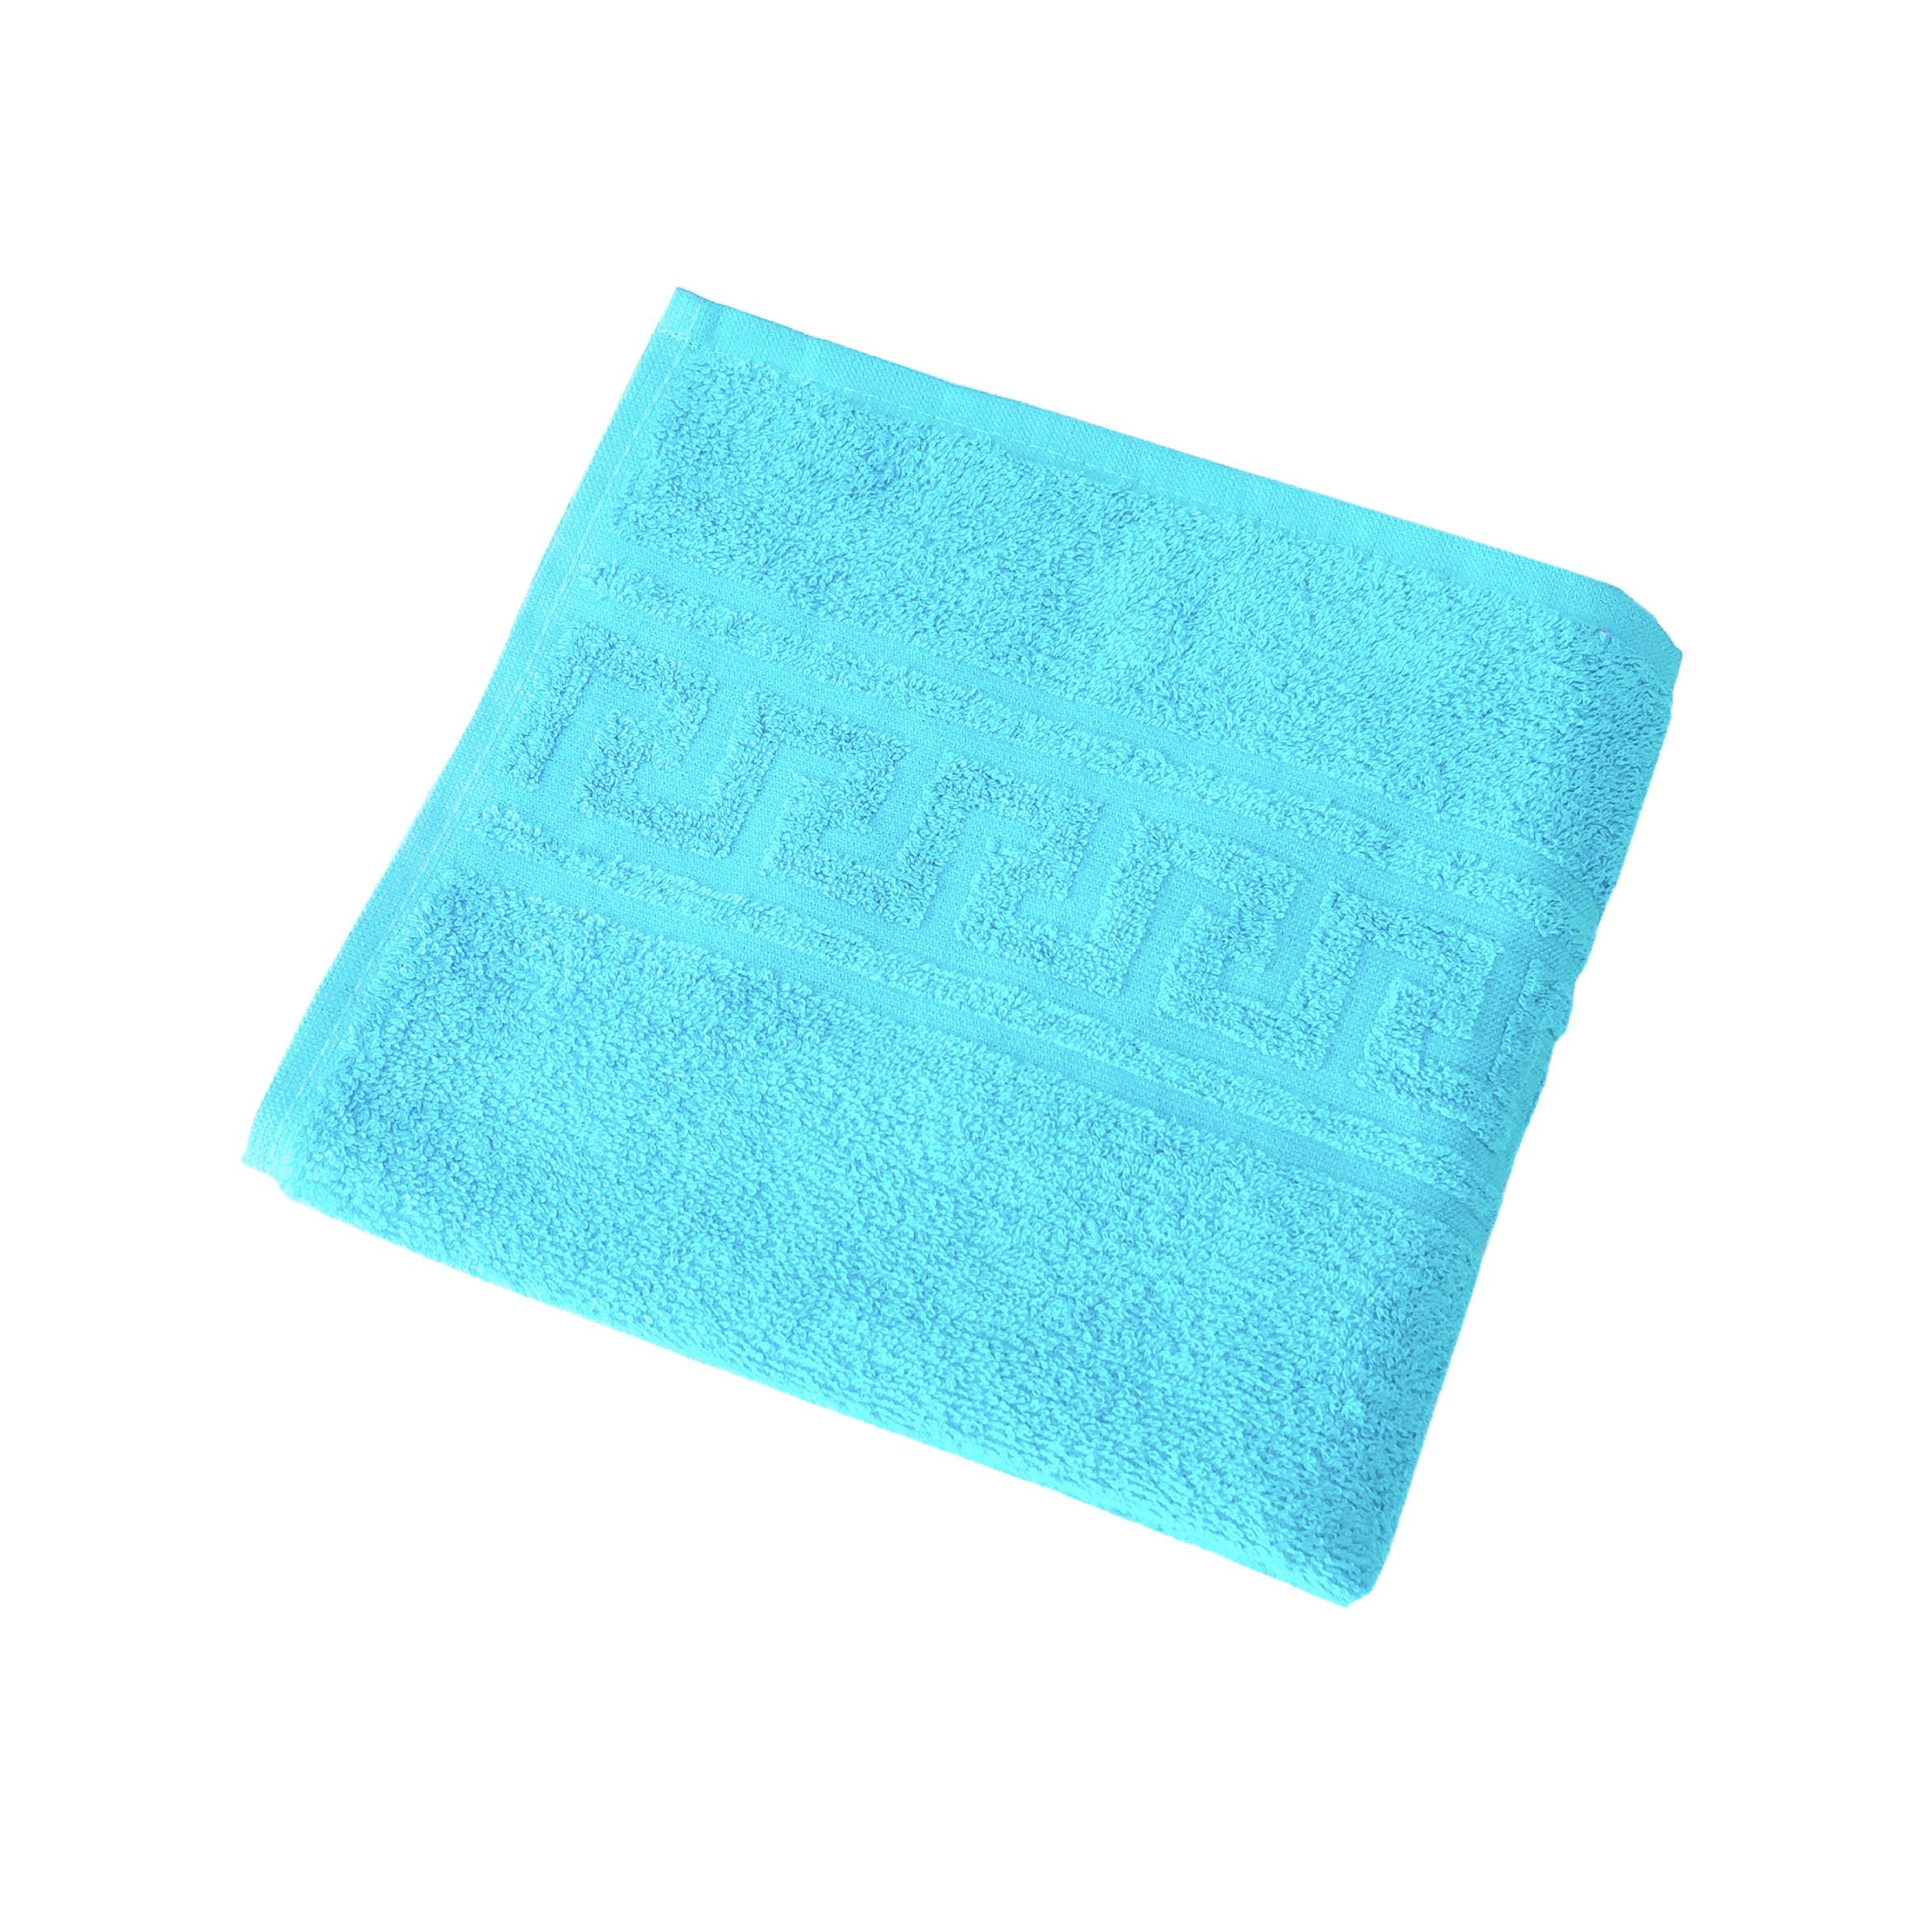 Махровое гладкокрашенное полотенце 70*140 см 380 г/м2 (Ярко-голубой)